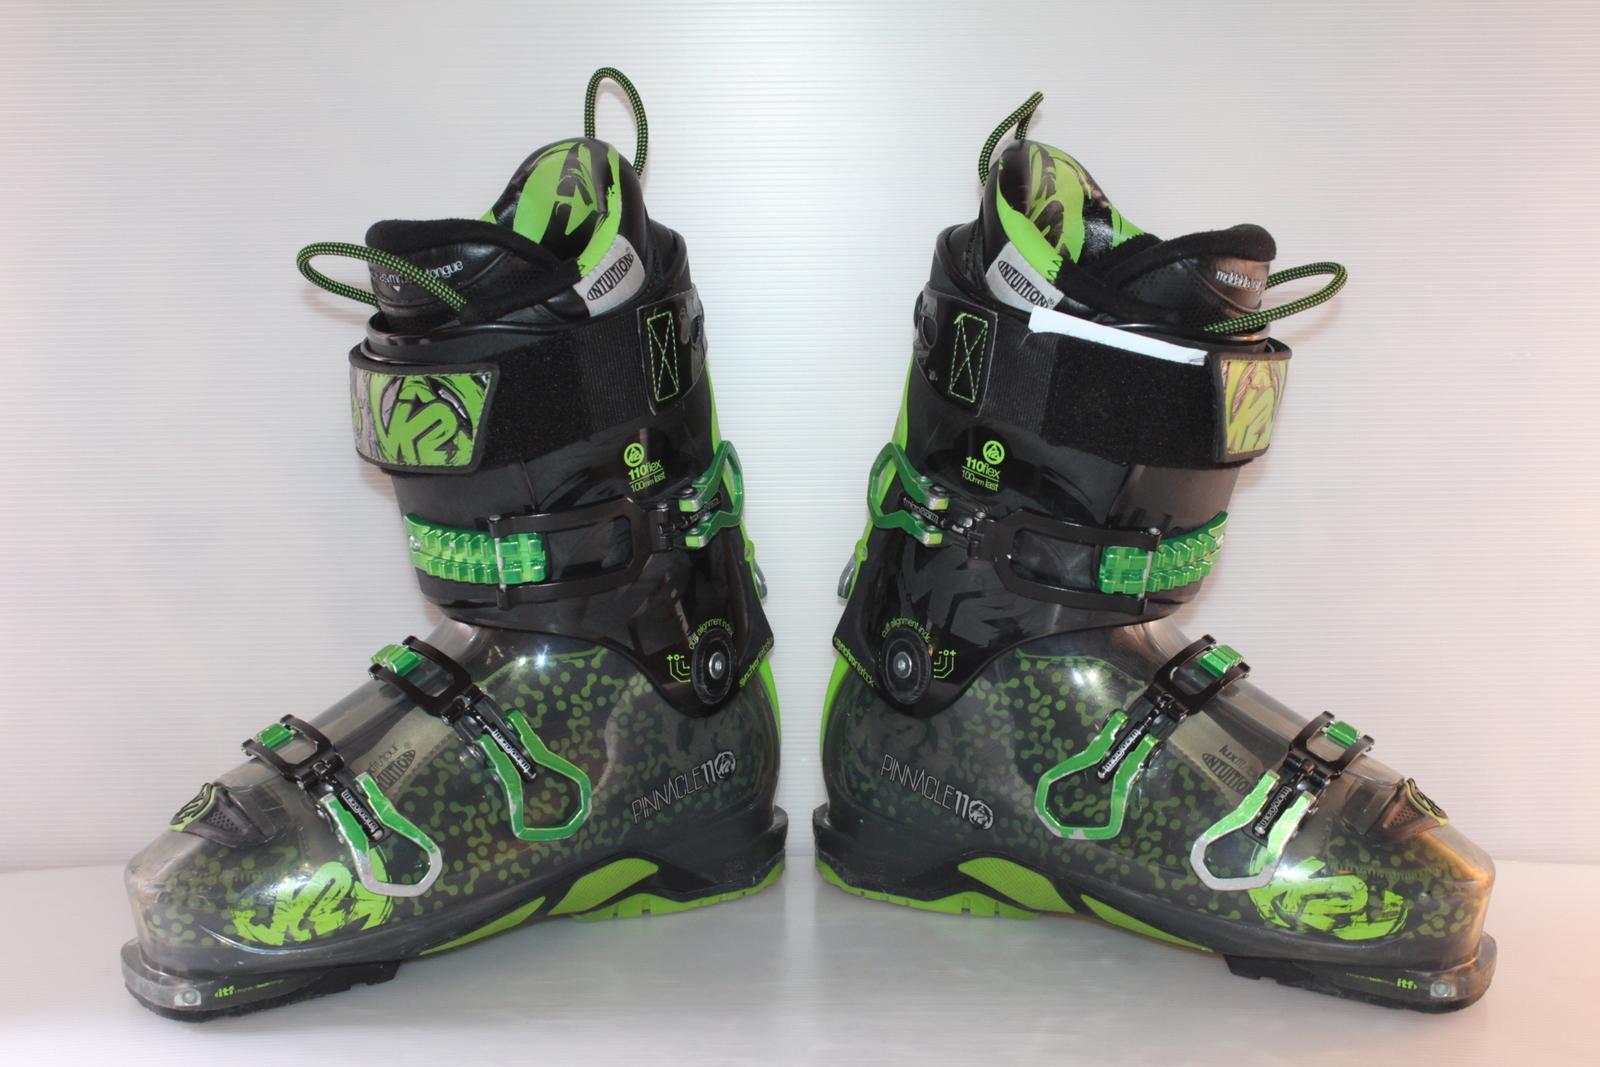 Skialpové boty K2 Pinnacle 11 - skialp vel. EU43.5 flexe 110